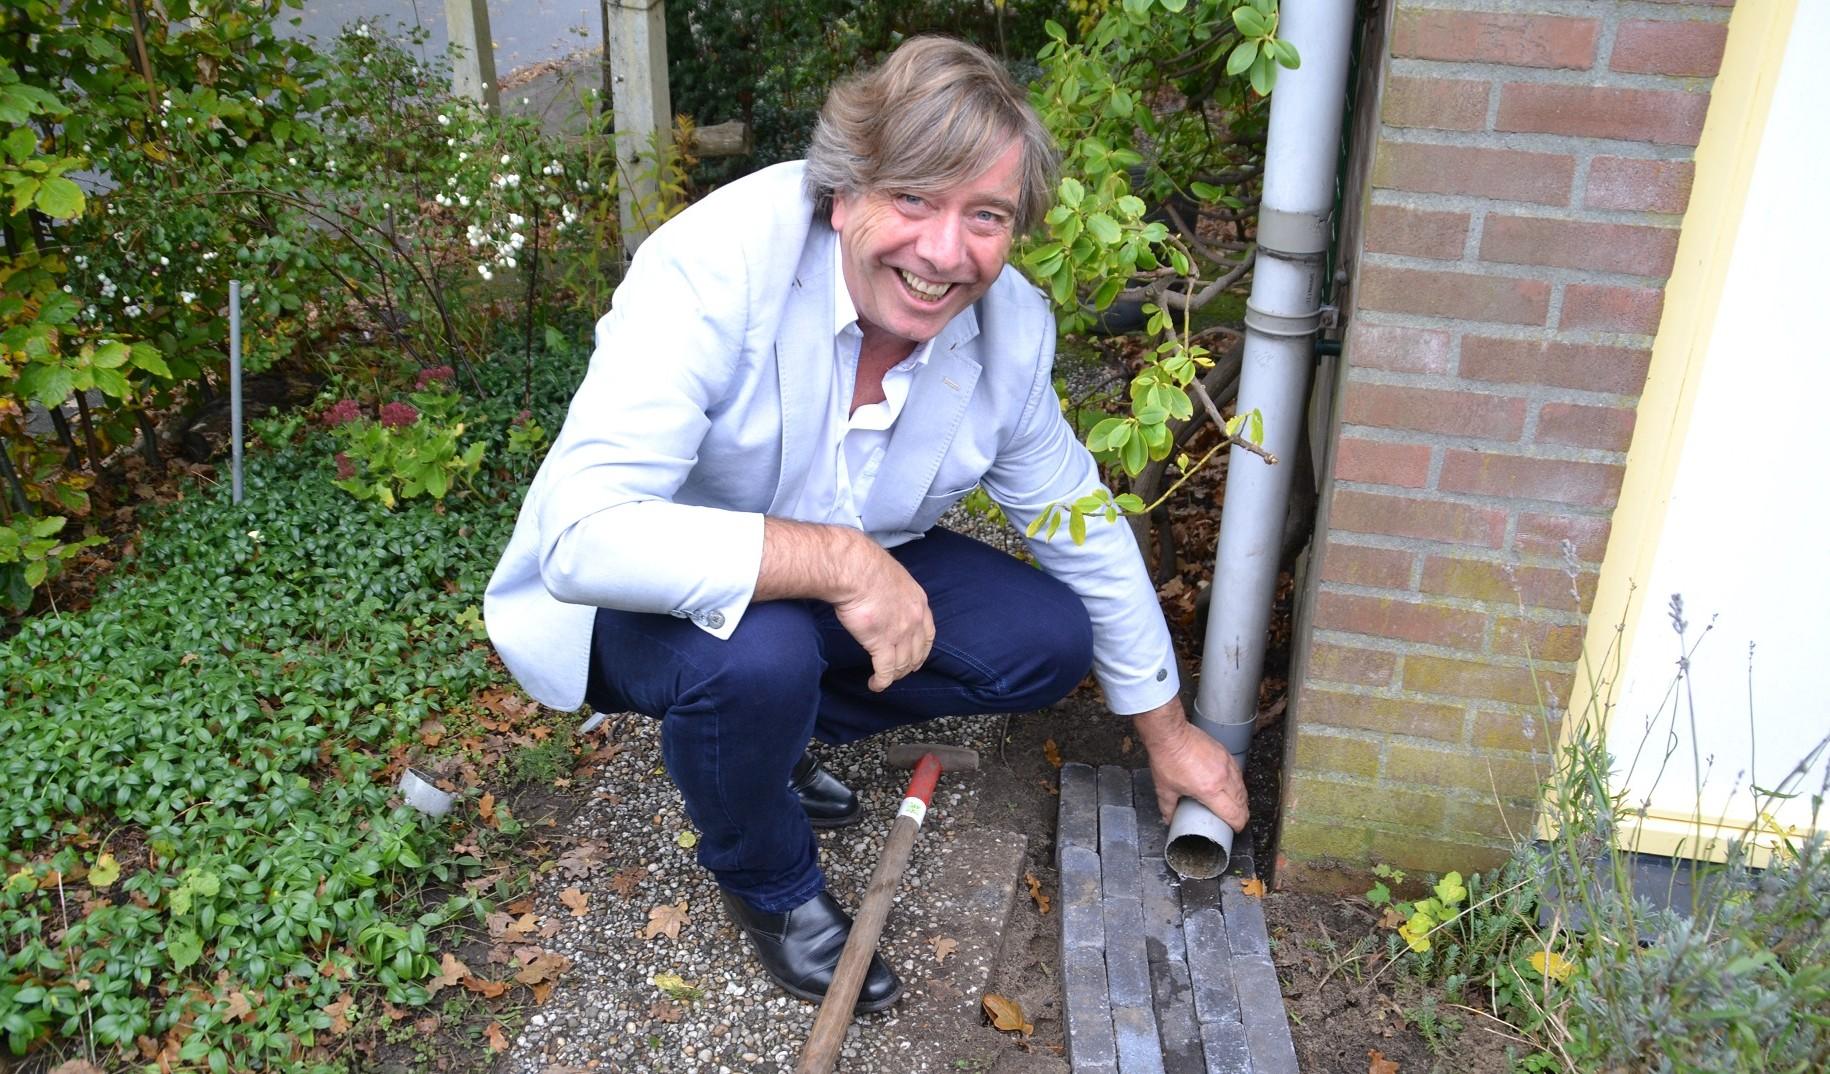 Wethouder van schoonhoven helpt bij aanleg regenwatertuin de castricummer uitgeester courant - Aanleg van groenvoorzieningen idee ...